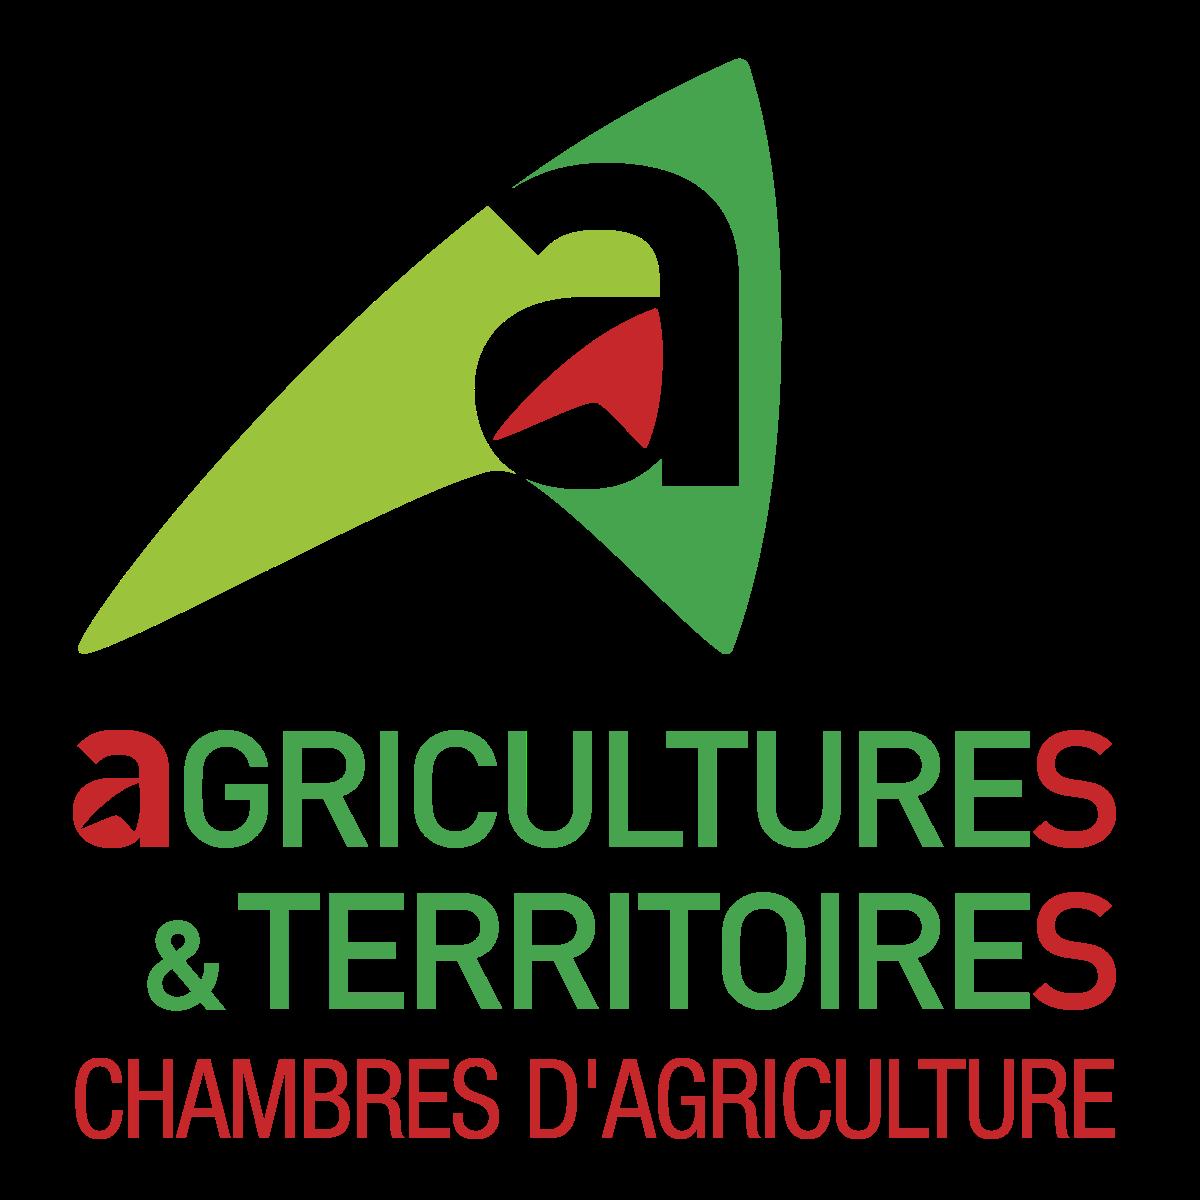 L'agriculture, une voie possible